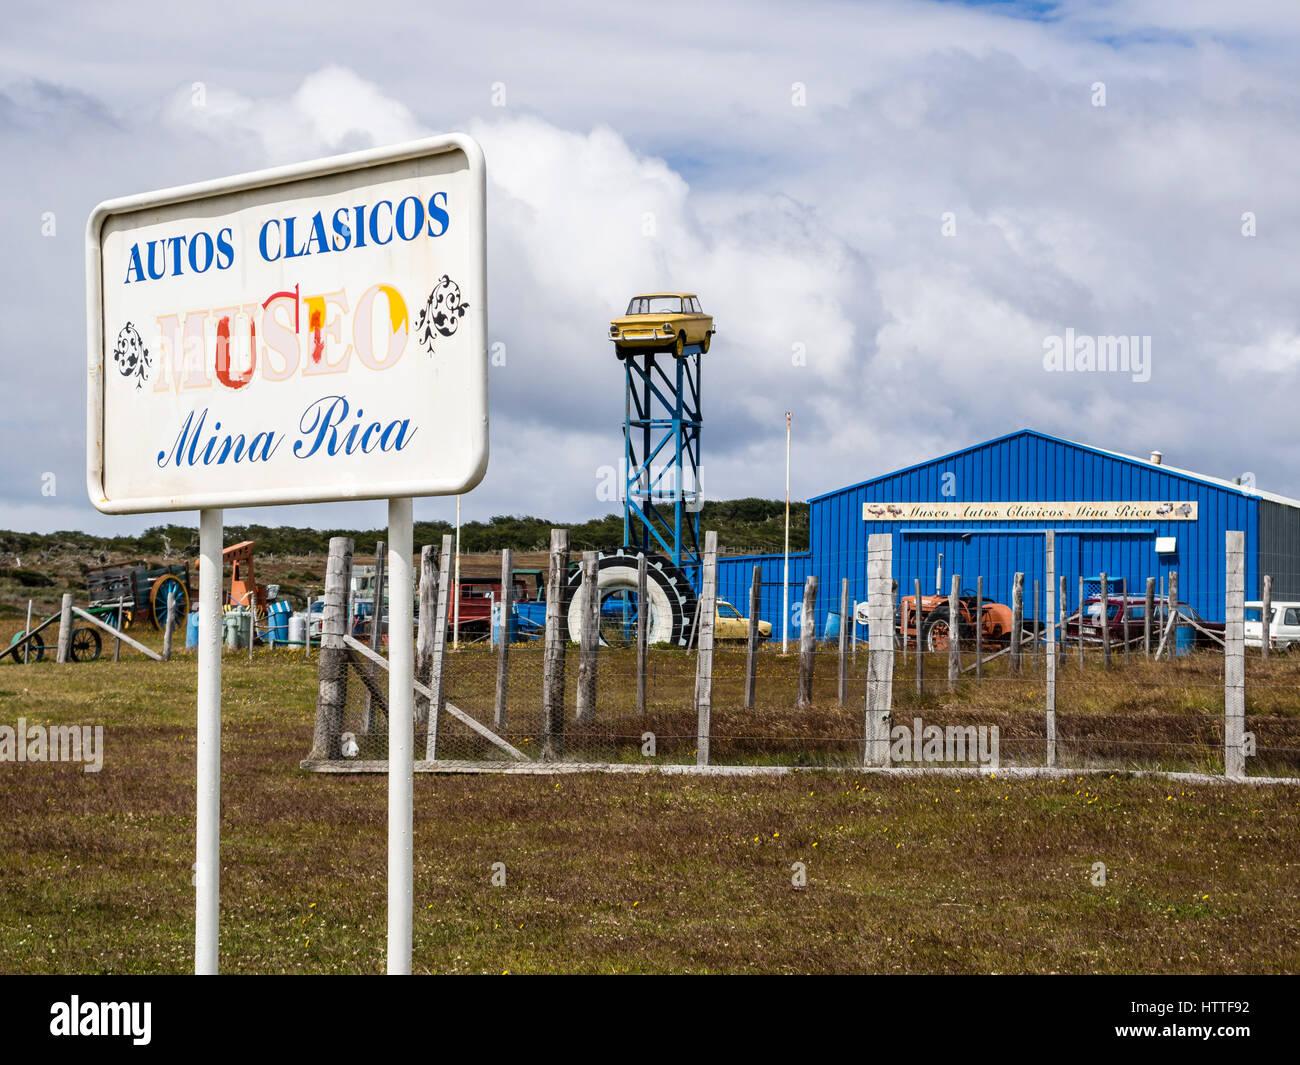 Museo del Automóvil en la carretera al Seno Otway pingüineras, cerca de Punta Arenas, Patagonia, Chile Imagen De Stock